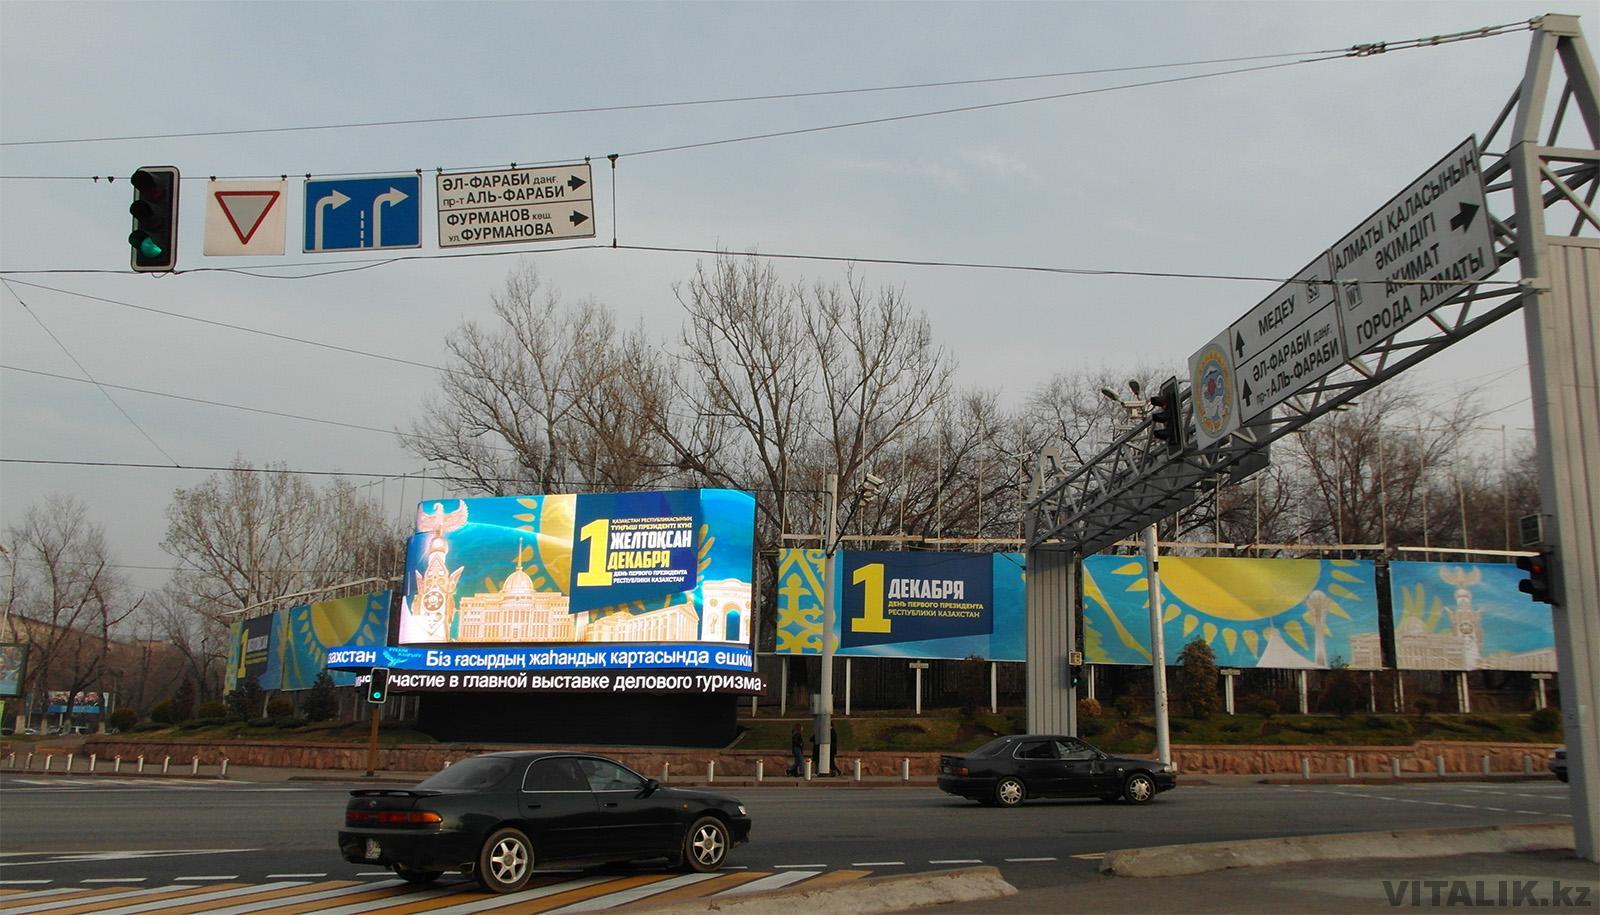 Улица Фурманова проспект Назарбаева